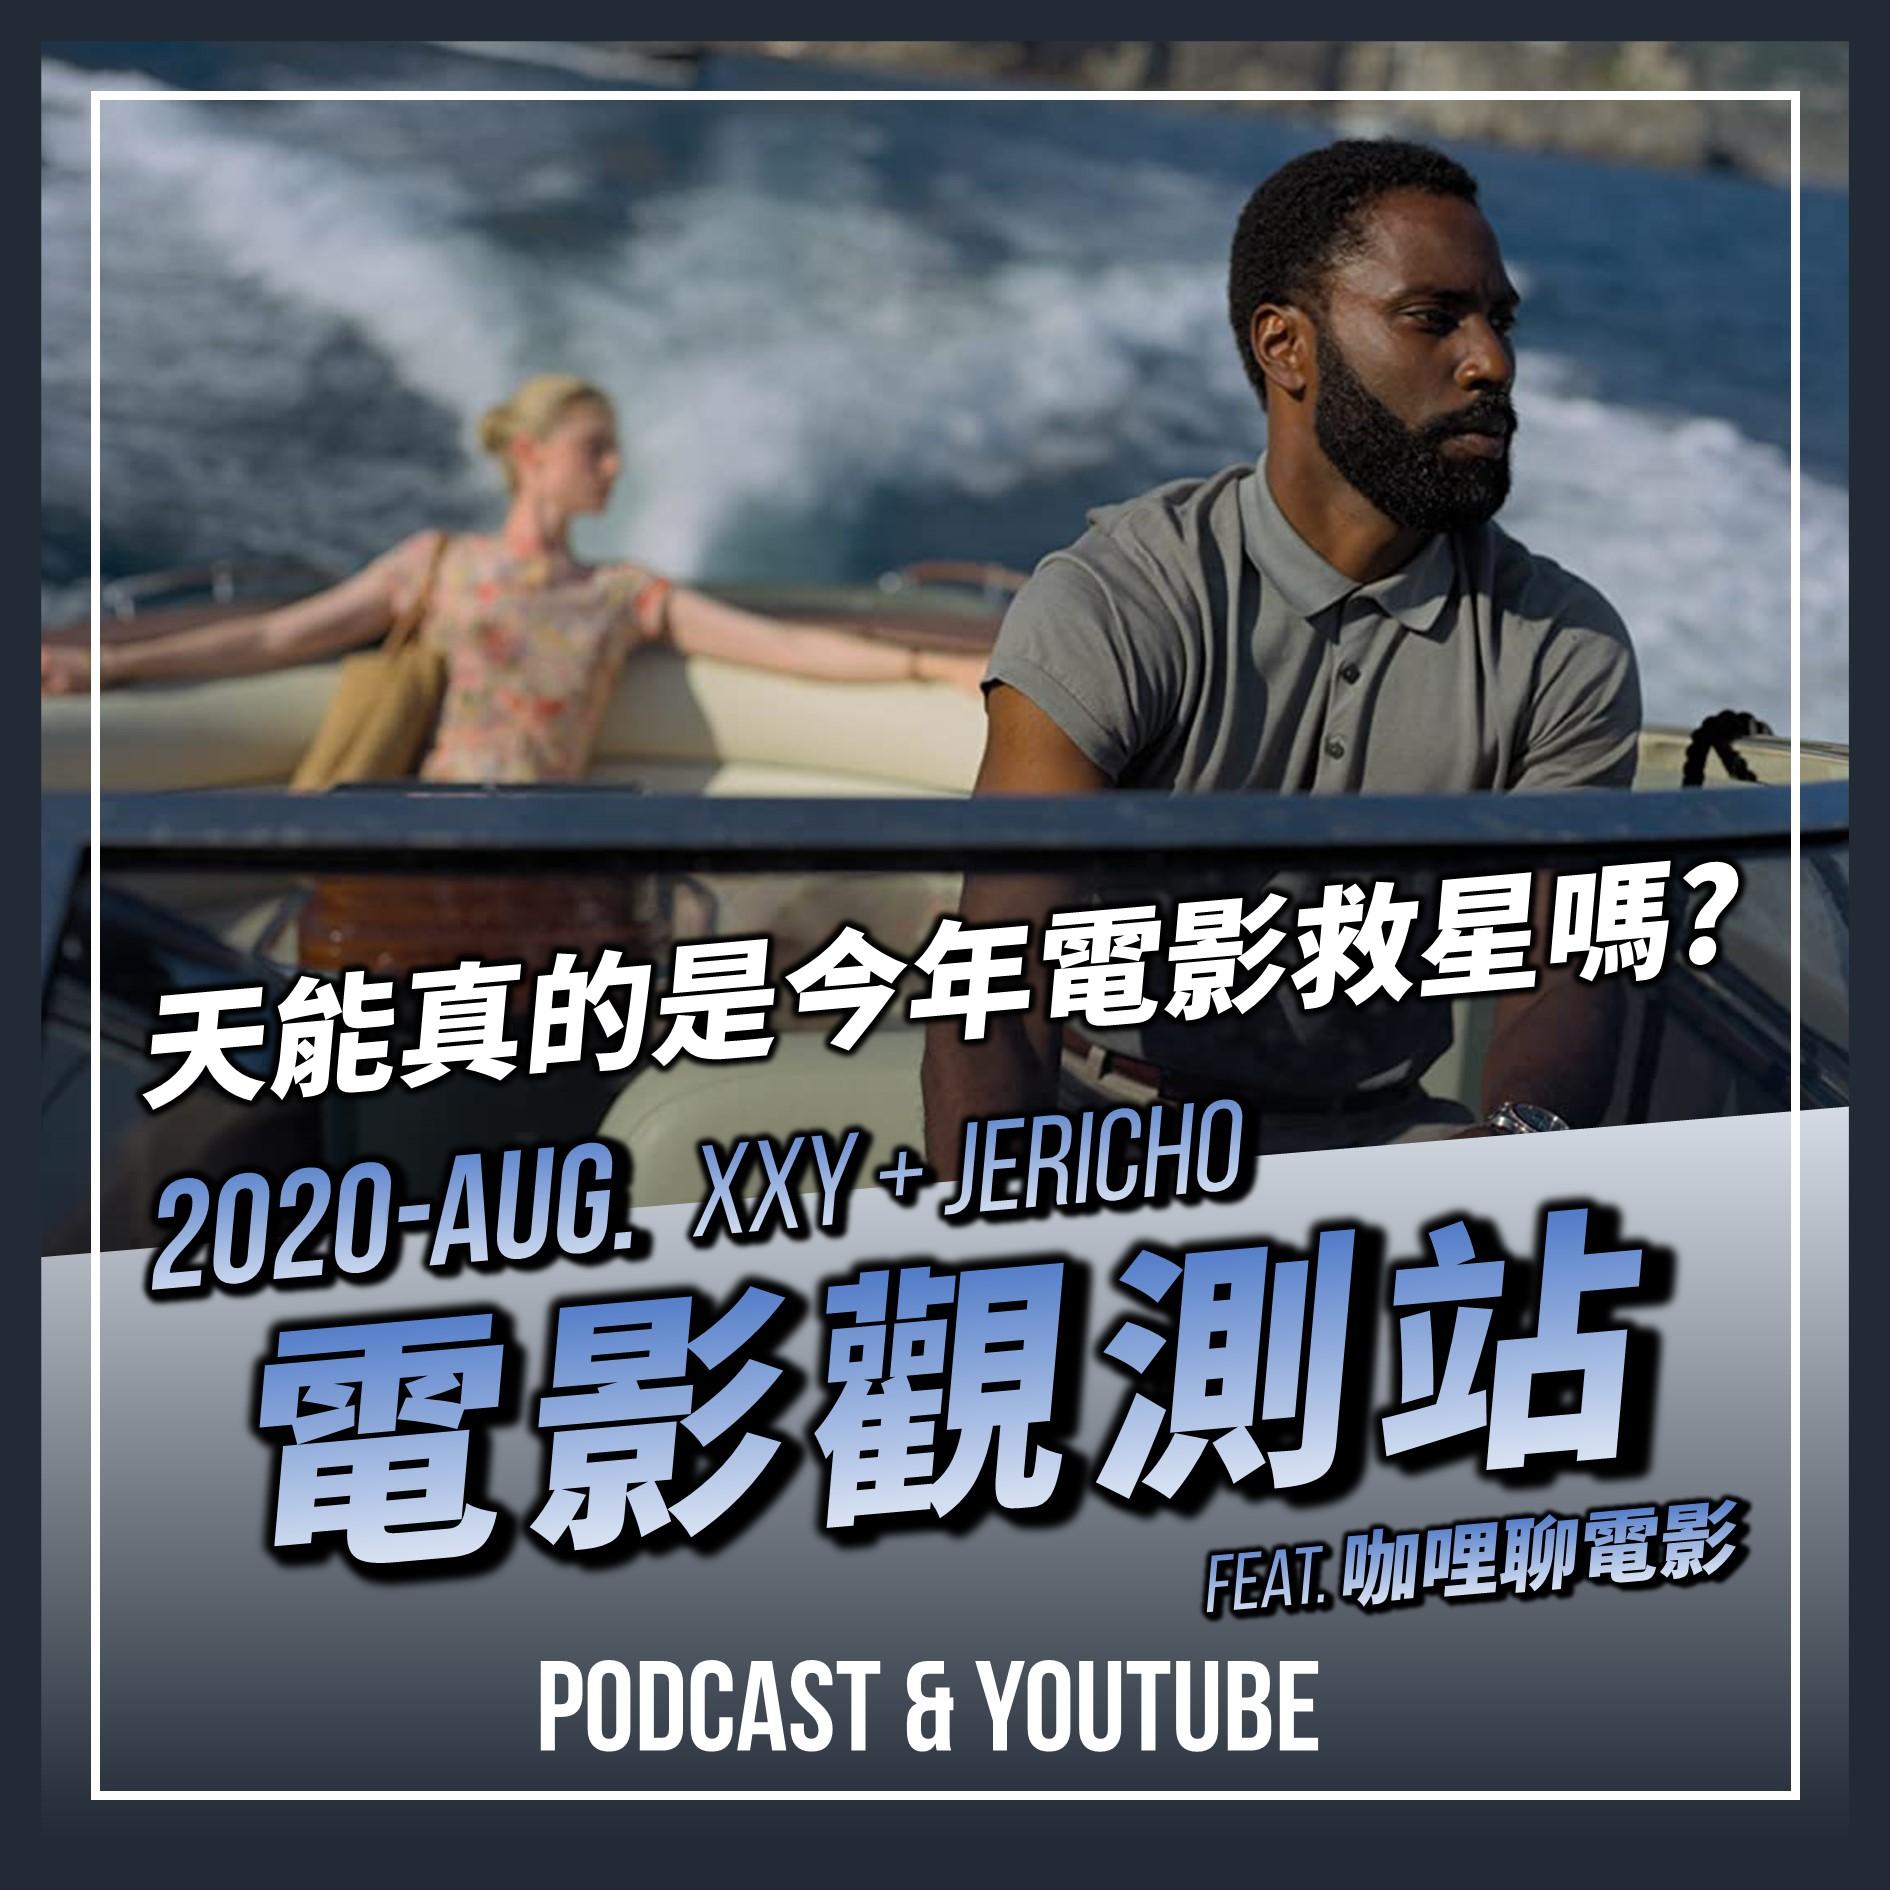 【電影觀測站】《天能》真的是今年電影救星嗎?| 2020-AUG. 院線電影回顧+票房分析 | XXY + Jericho feat. 咖哩聊電影